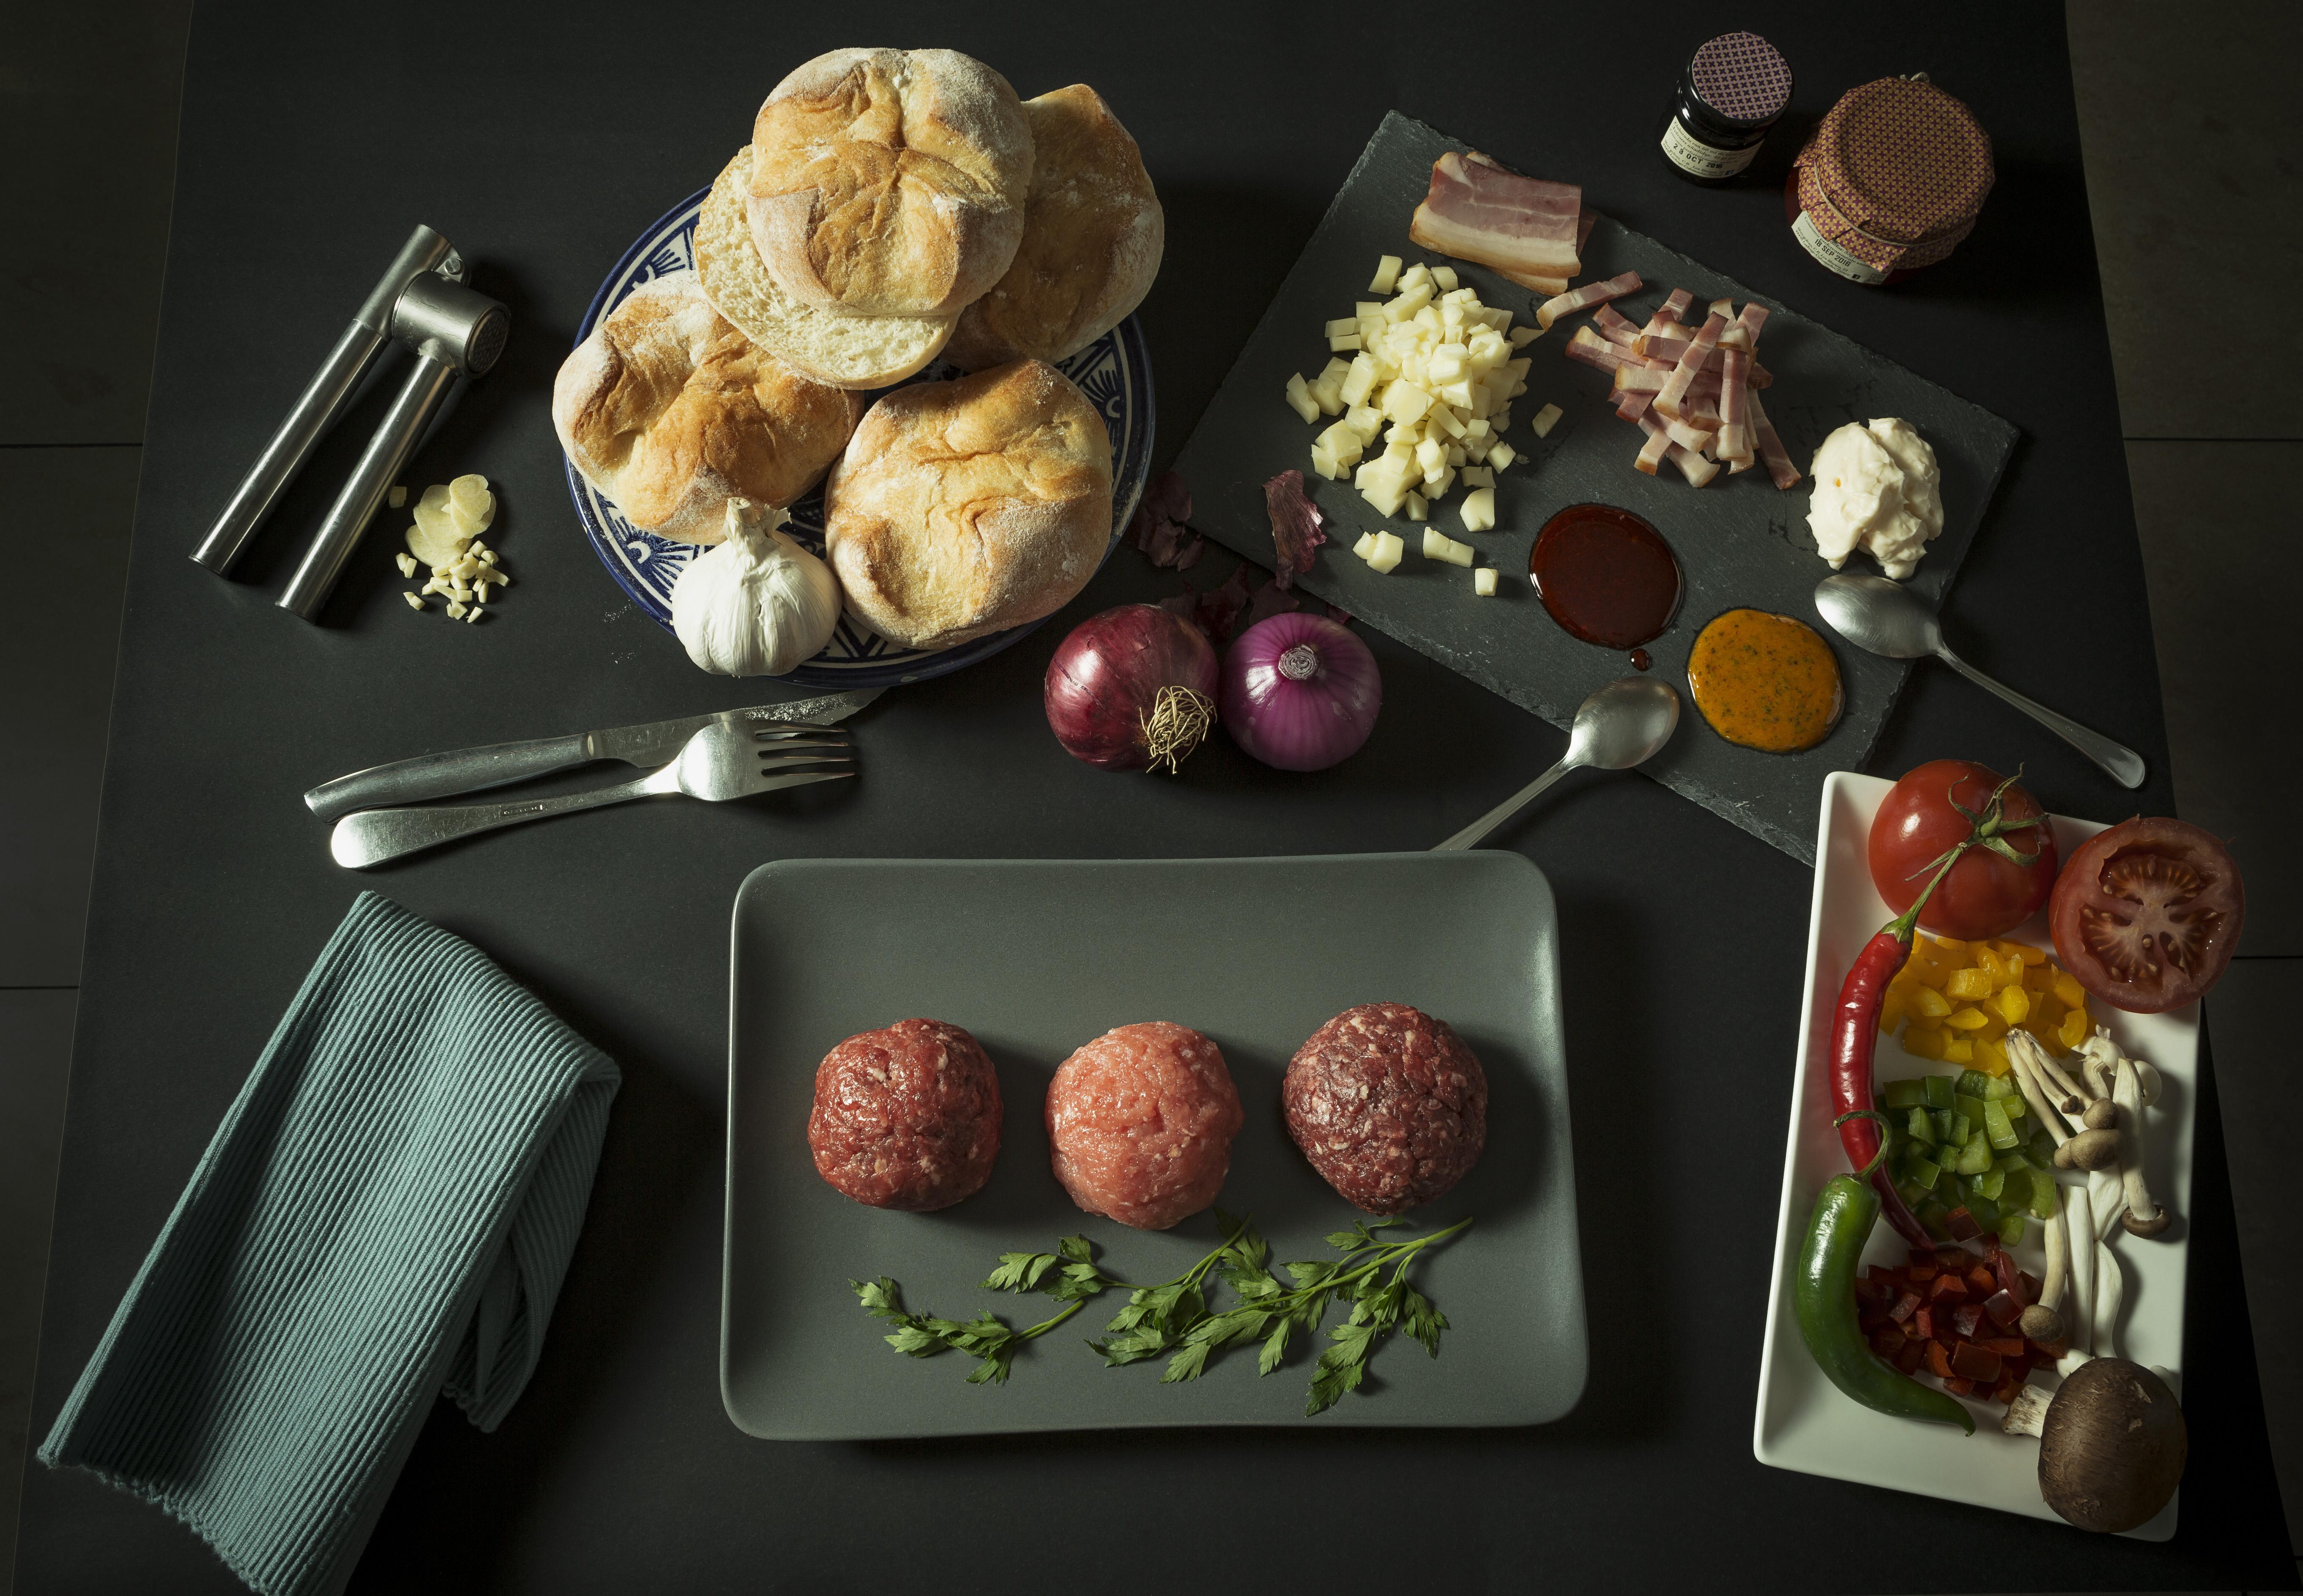 Hamburguesa caseras | Carnicería en Valencia